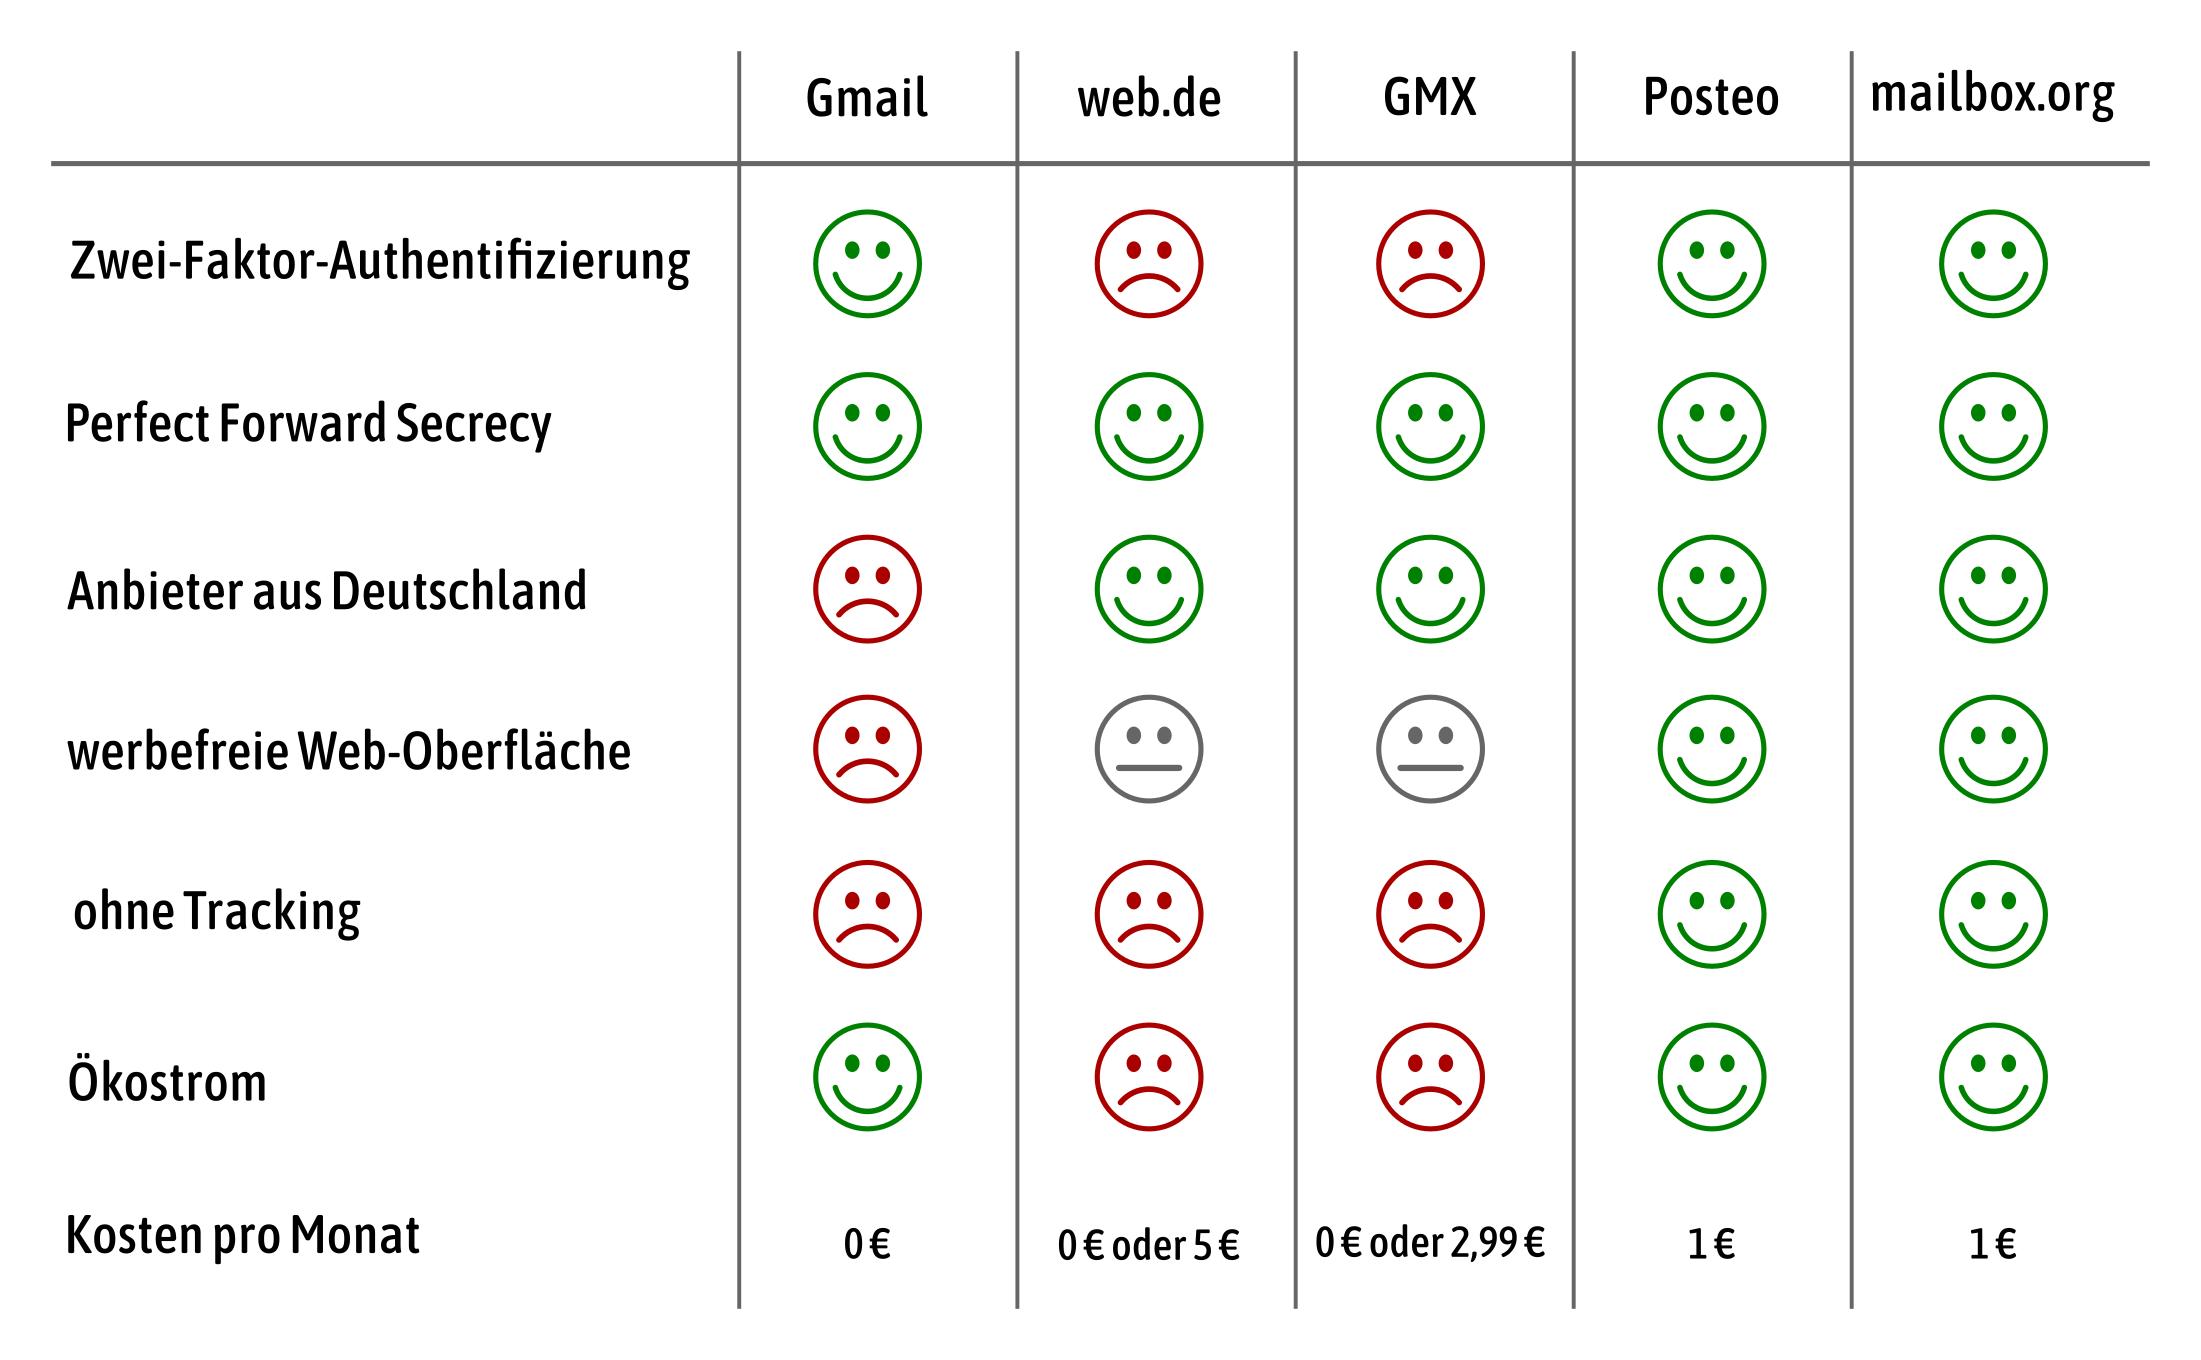 162f14c82b8e Hacker erklärt, welcher E-Mail-Anbieter der sicherste ist - VICE